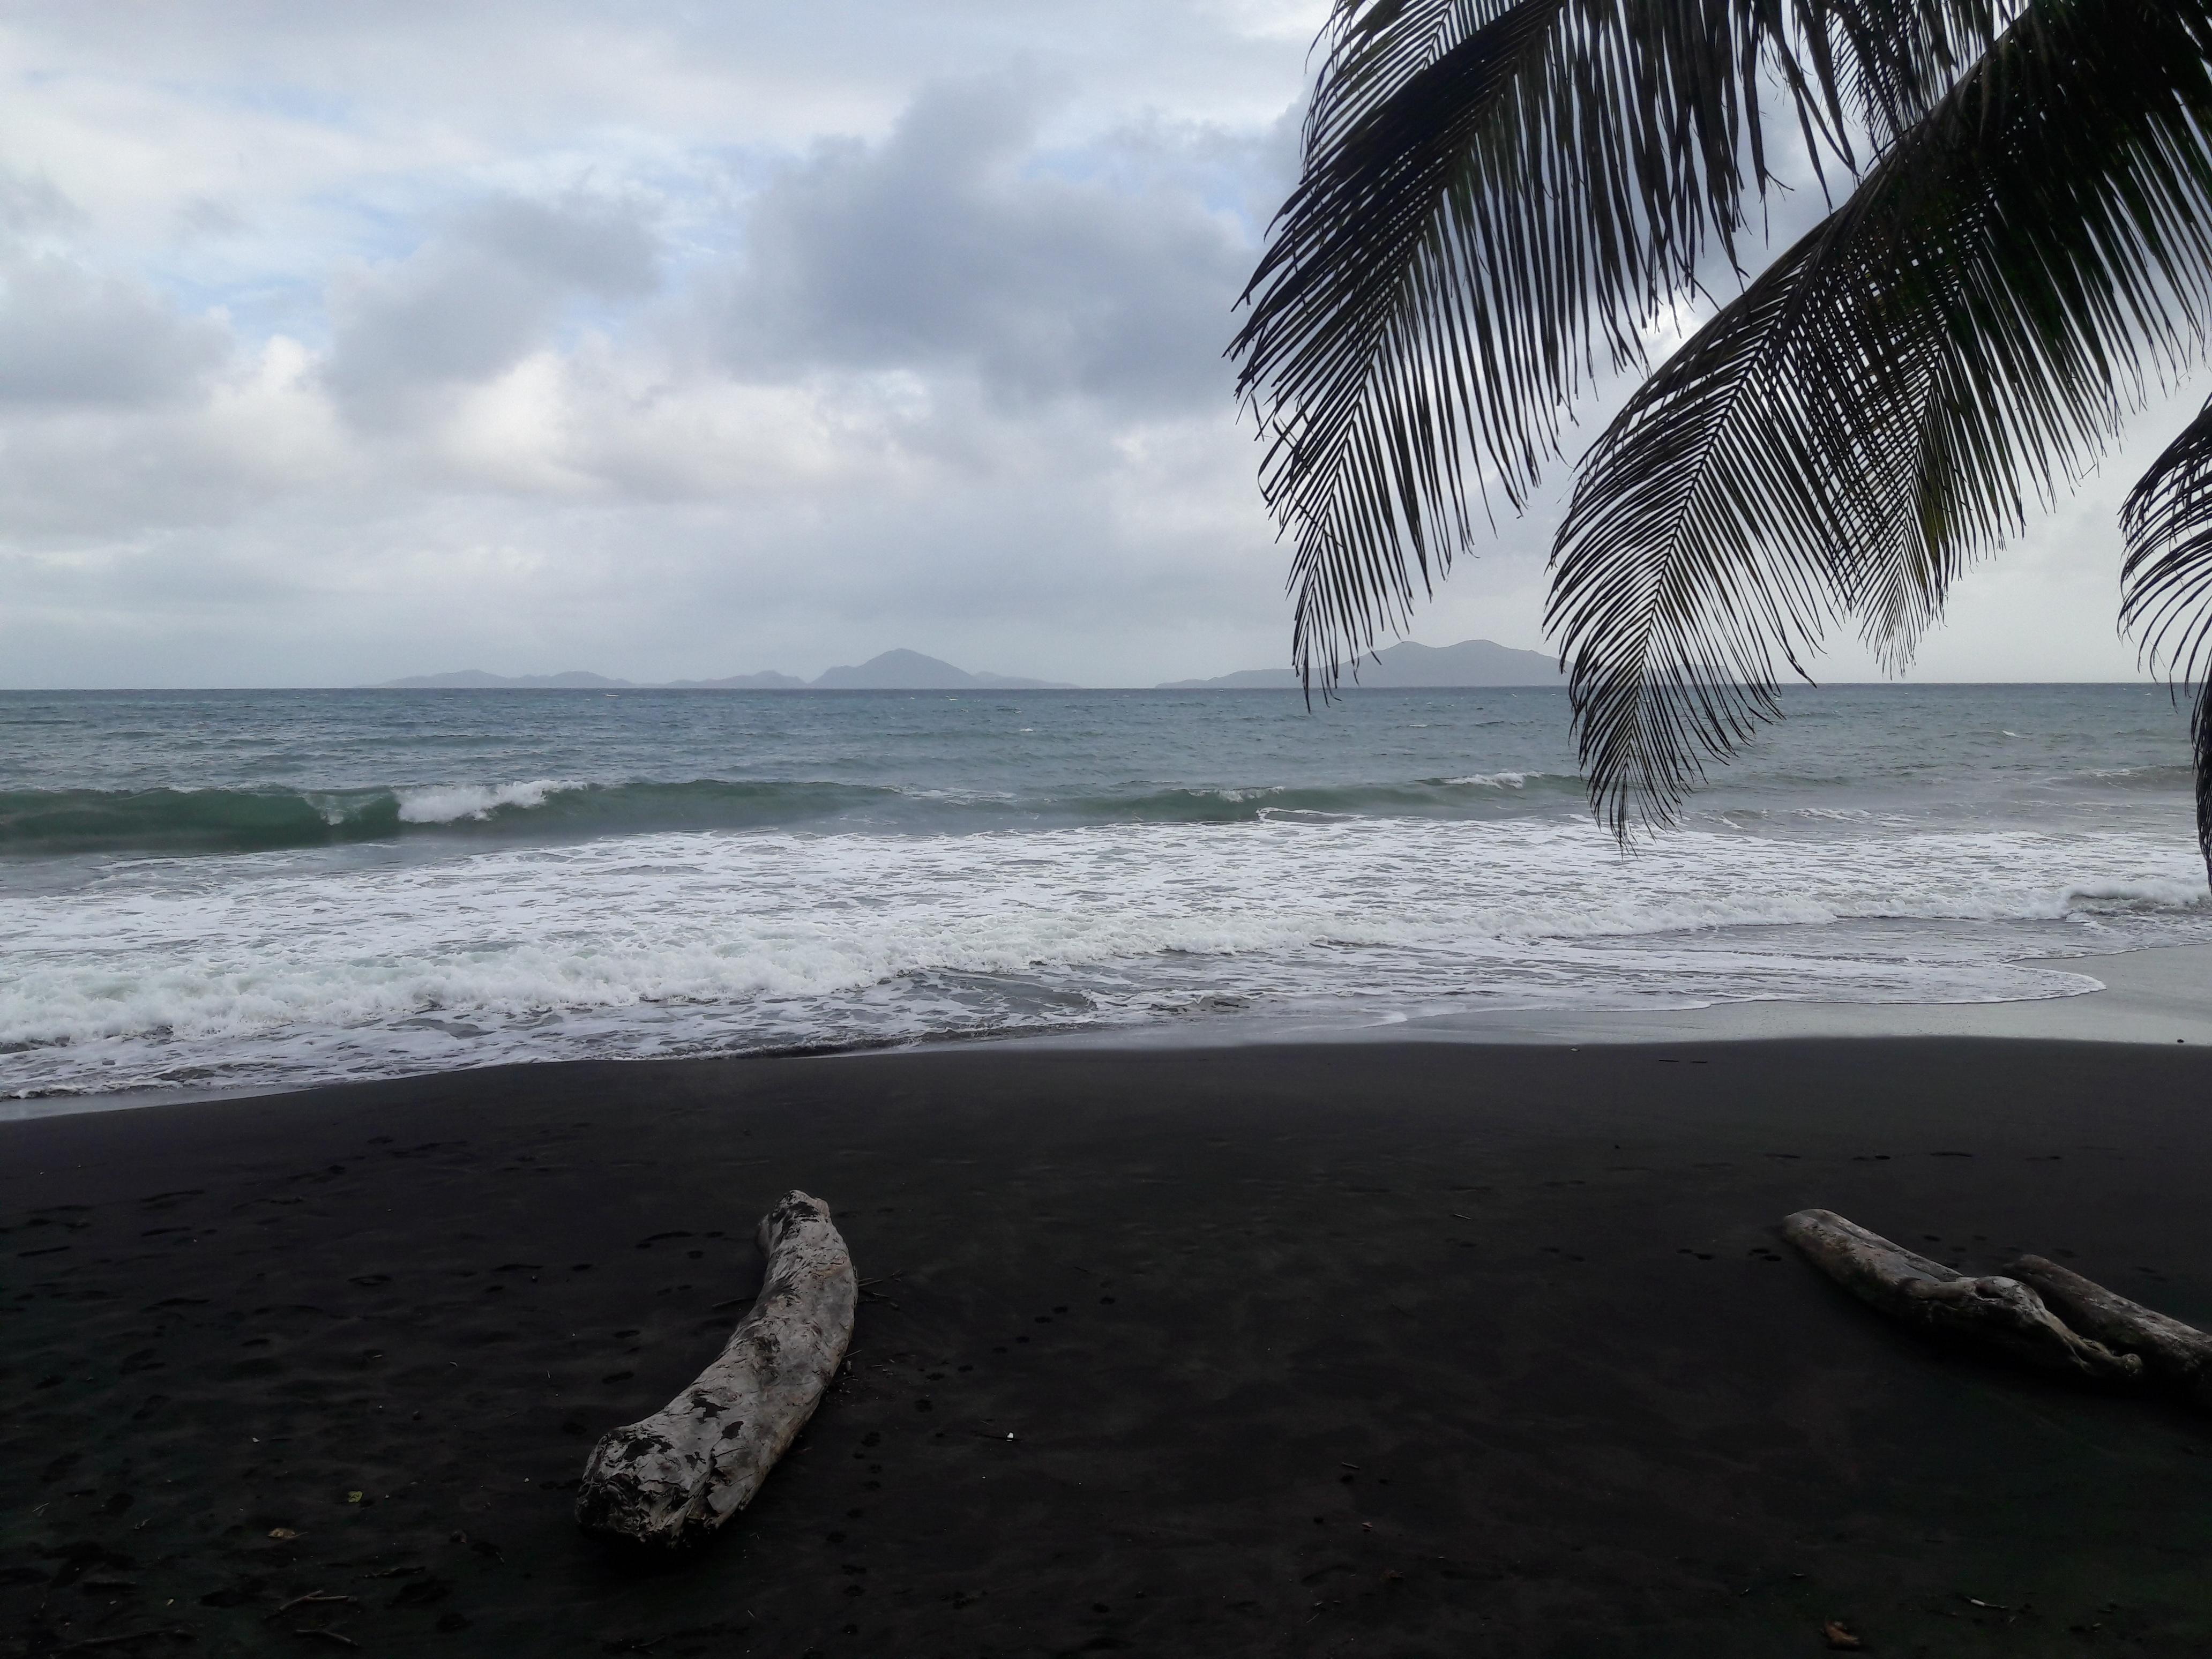 Plage de sable noir